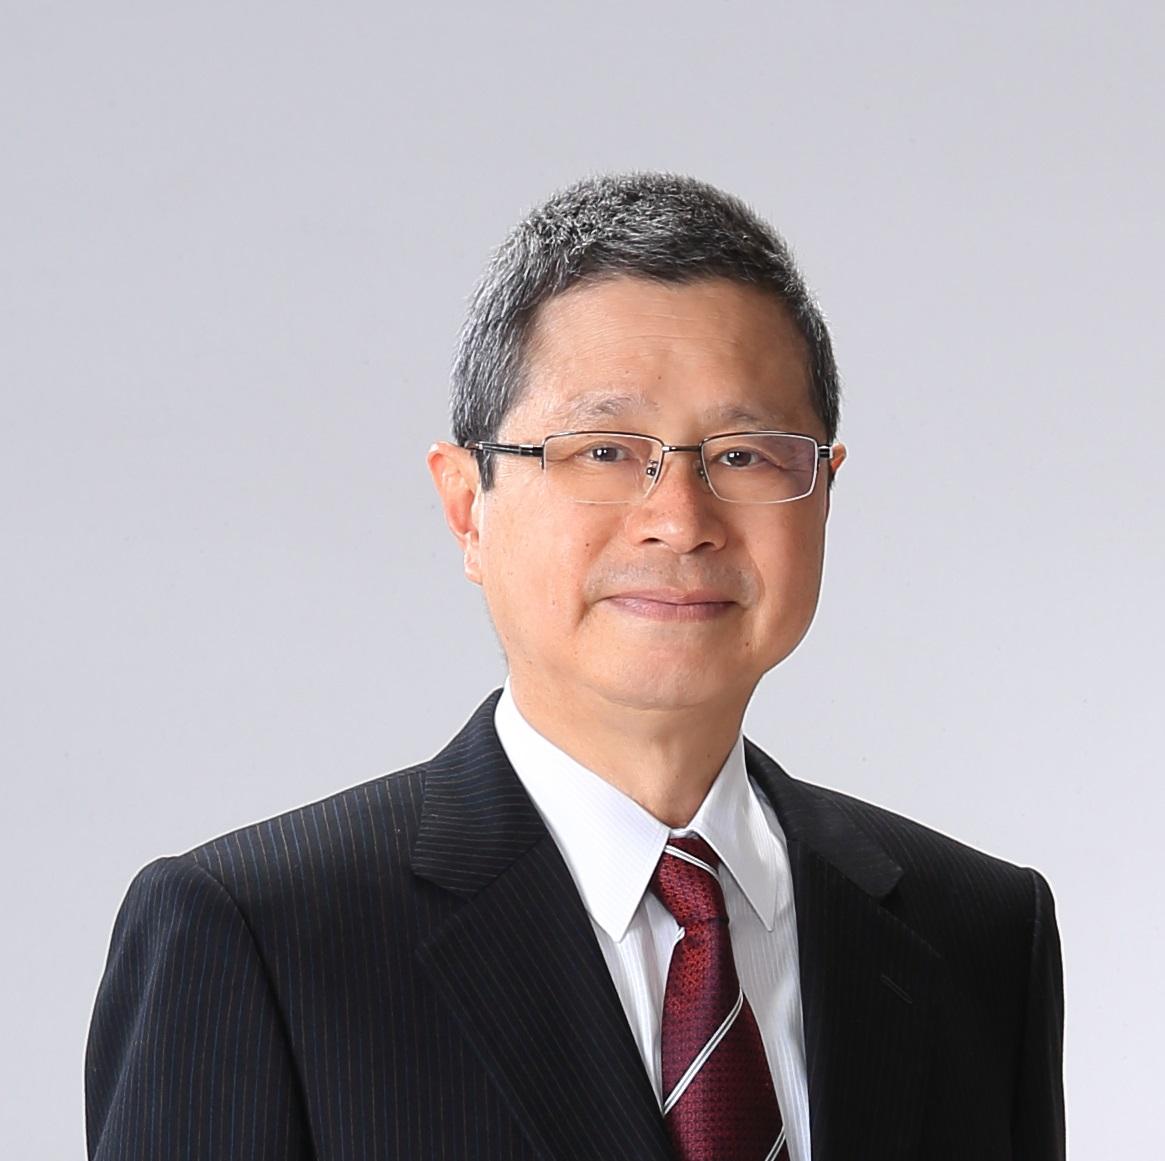 In memoriam: Kazuhiro Ikenaka